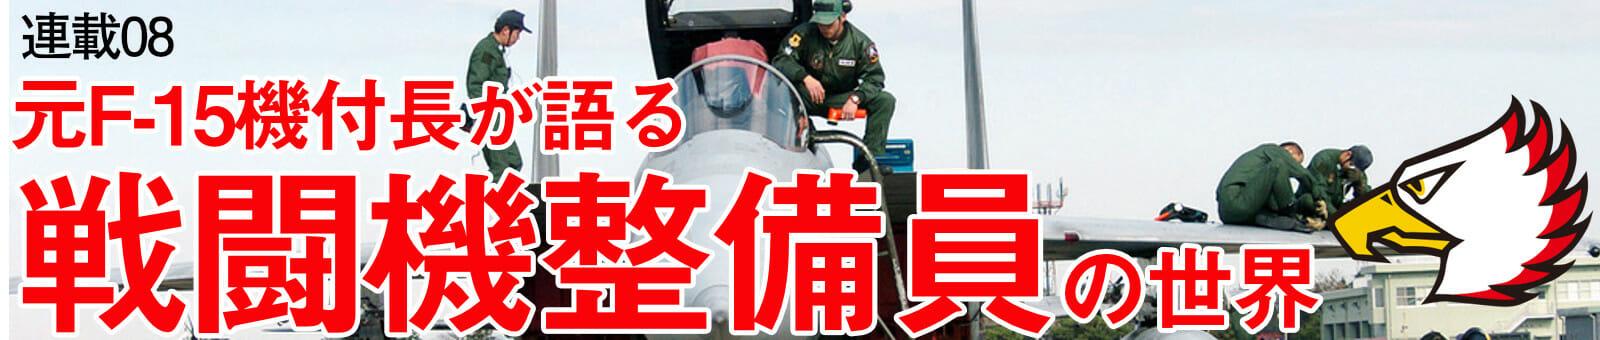 元F-15機付長が語る 戦闘機整備員の世界